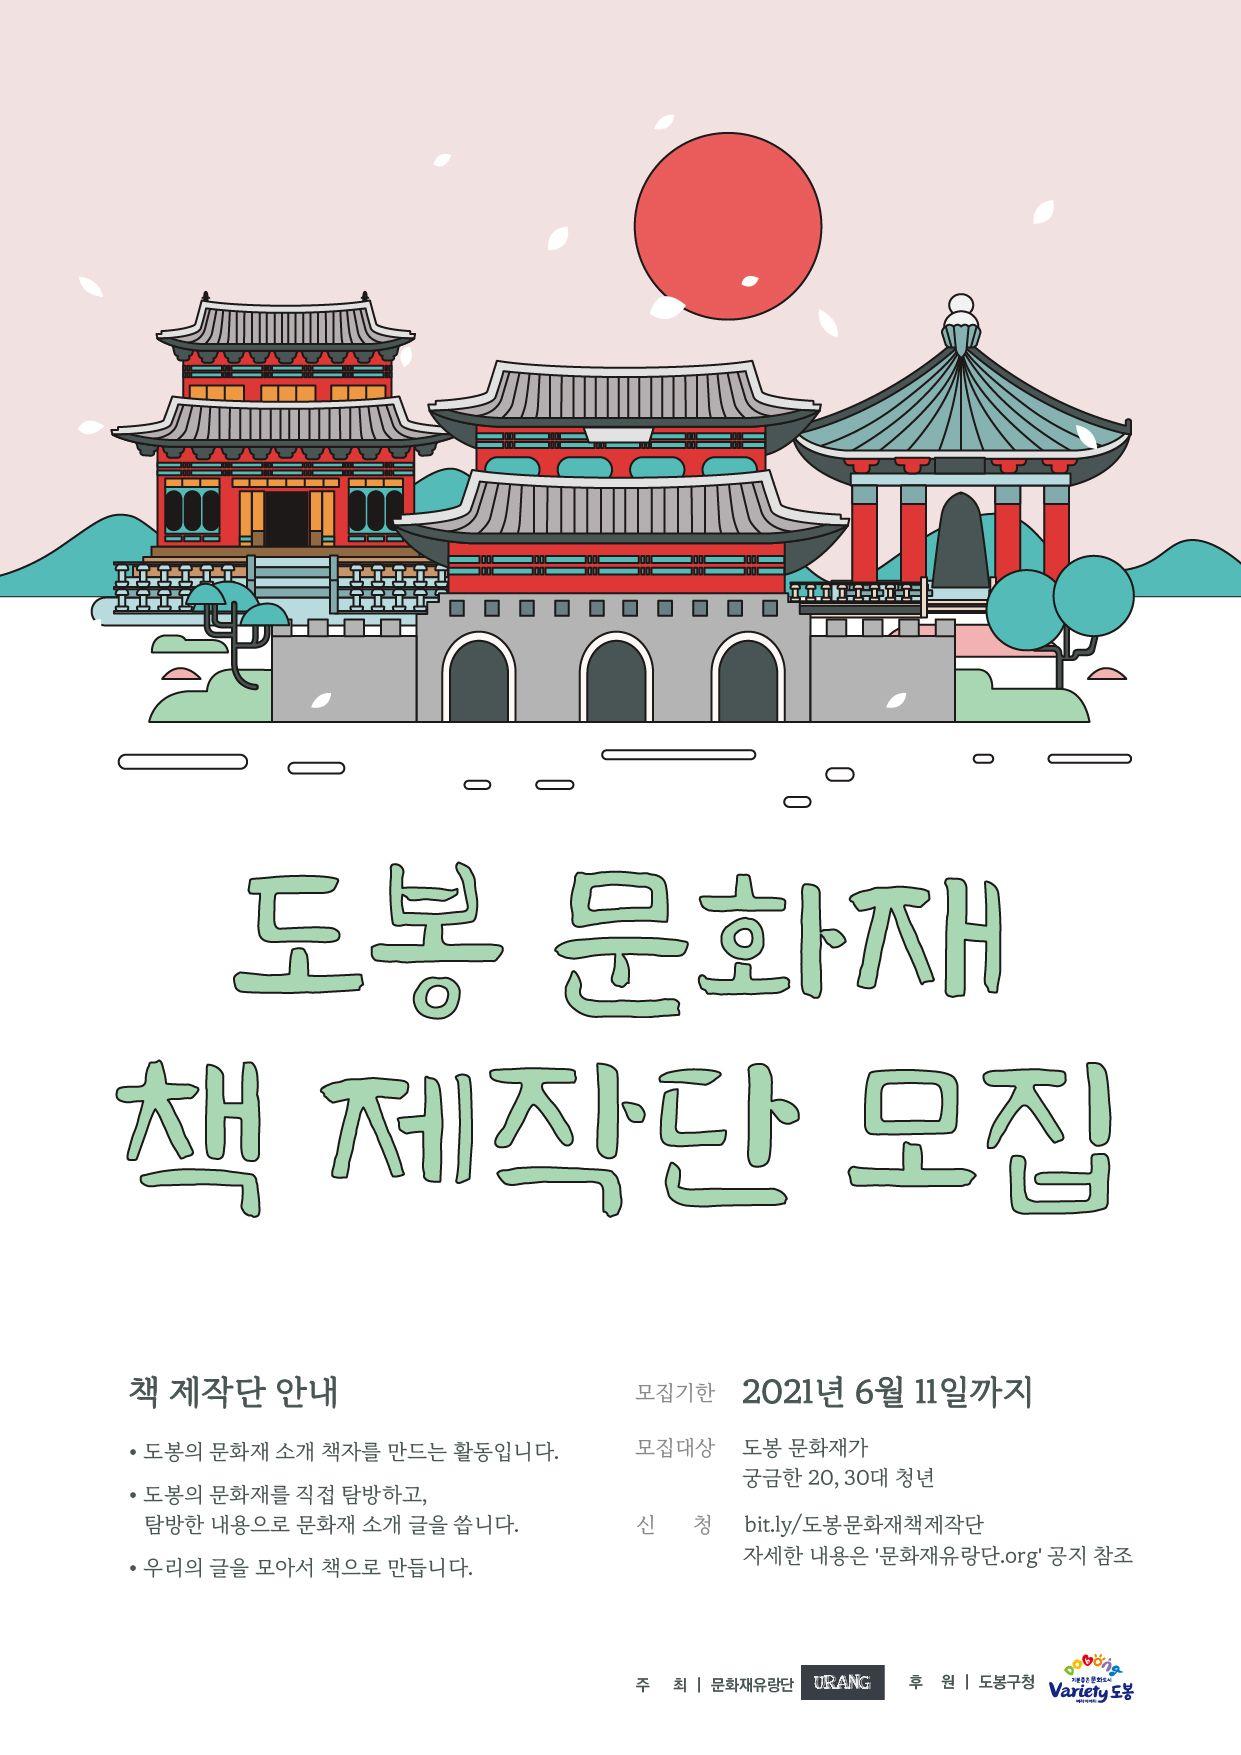 문화재유랑단 - 도봉 문화재 책제작단